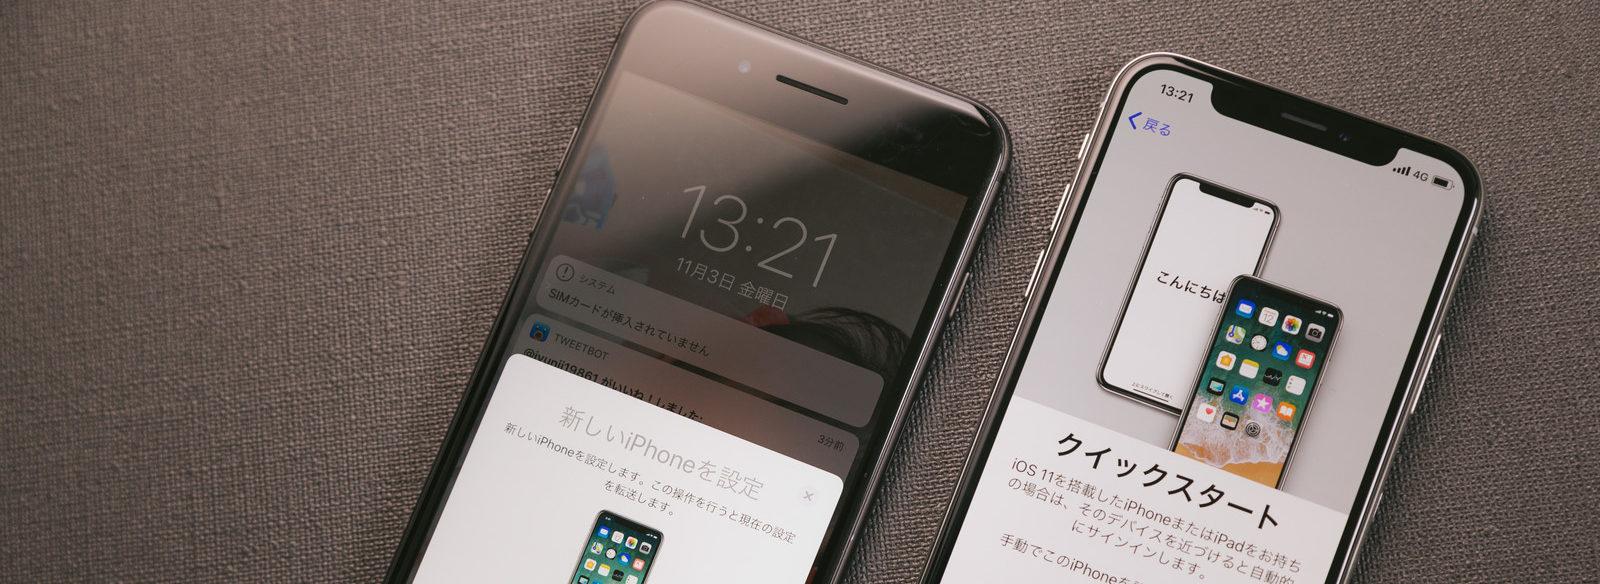 同じ中身のiPhone